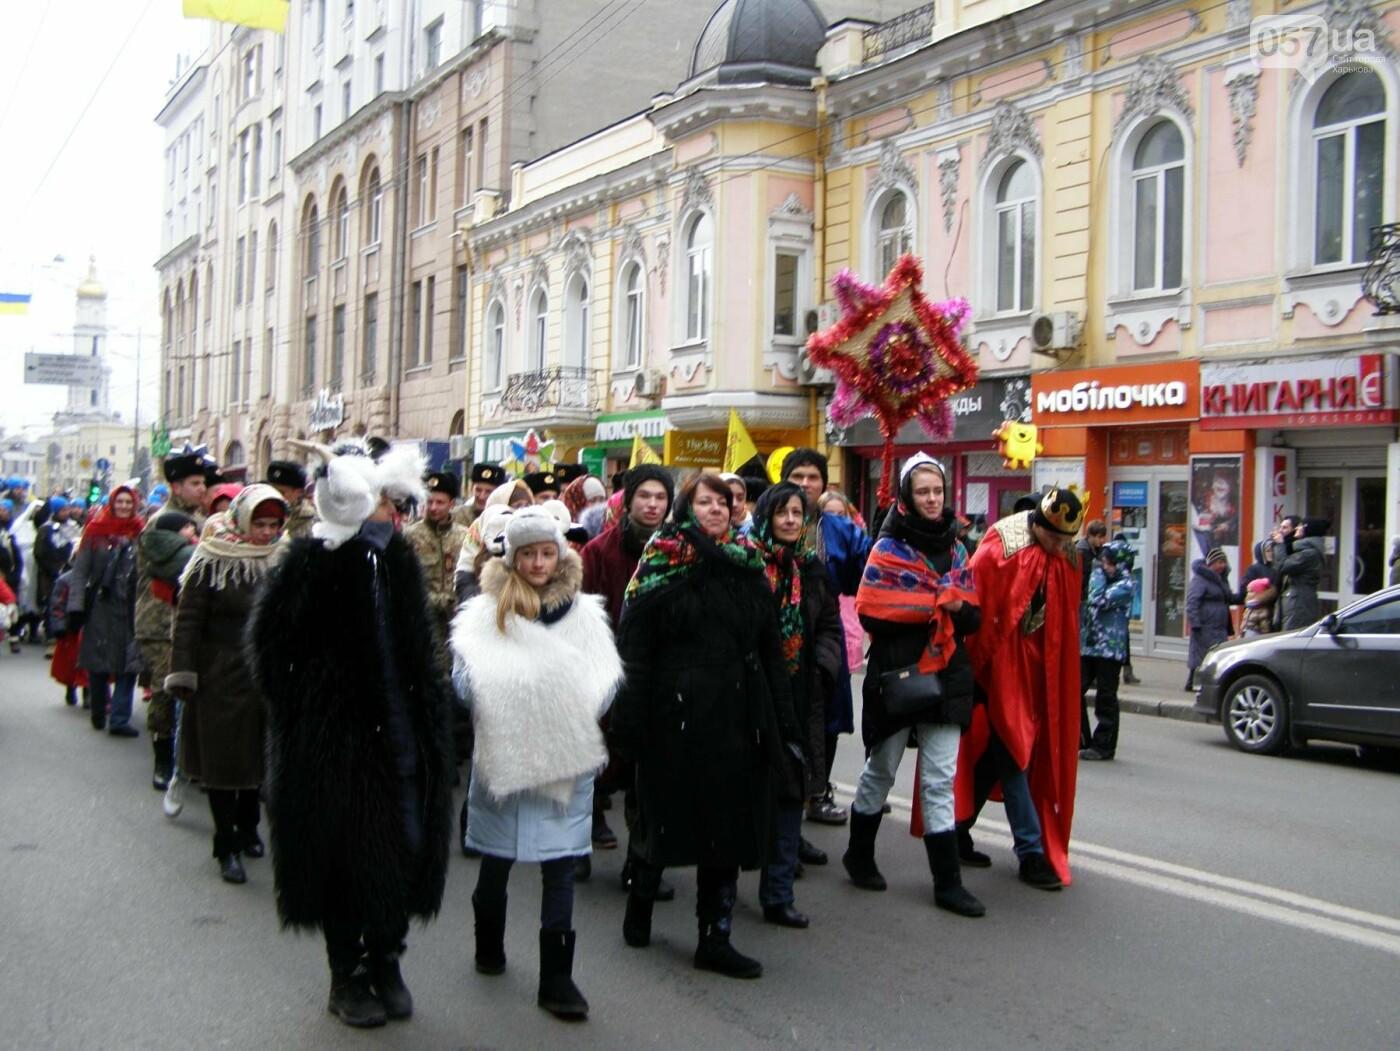 Харьков заполонили ангелы, козы и черти: в городе прошел масштабный фестиваль вертепов (ФОТО), фото-3